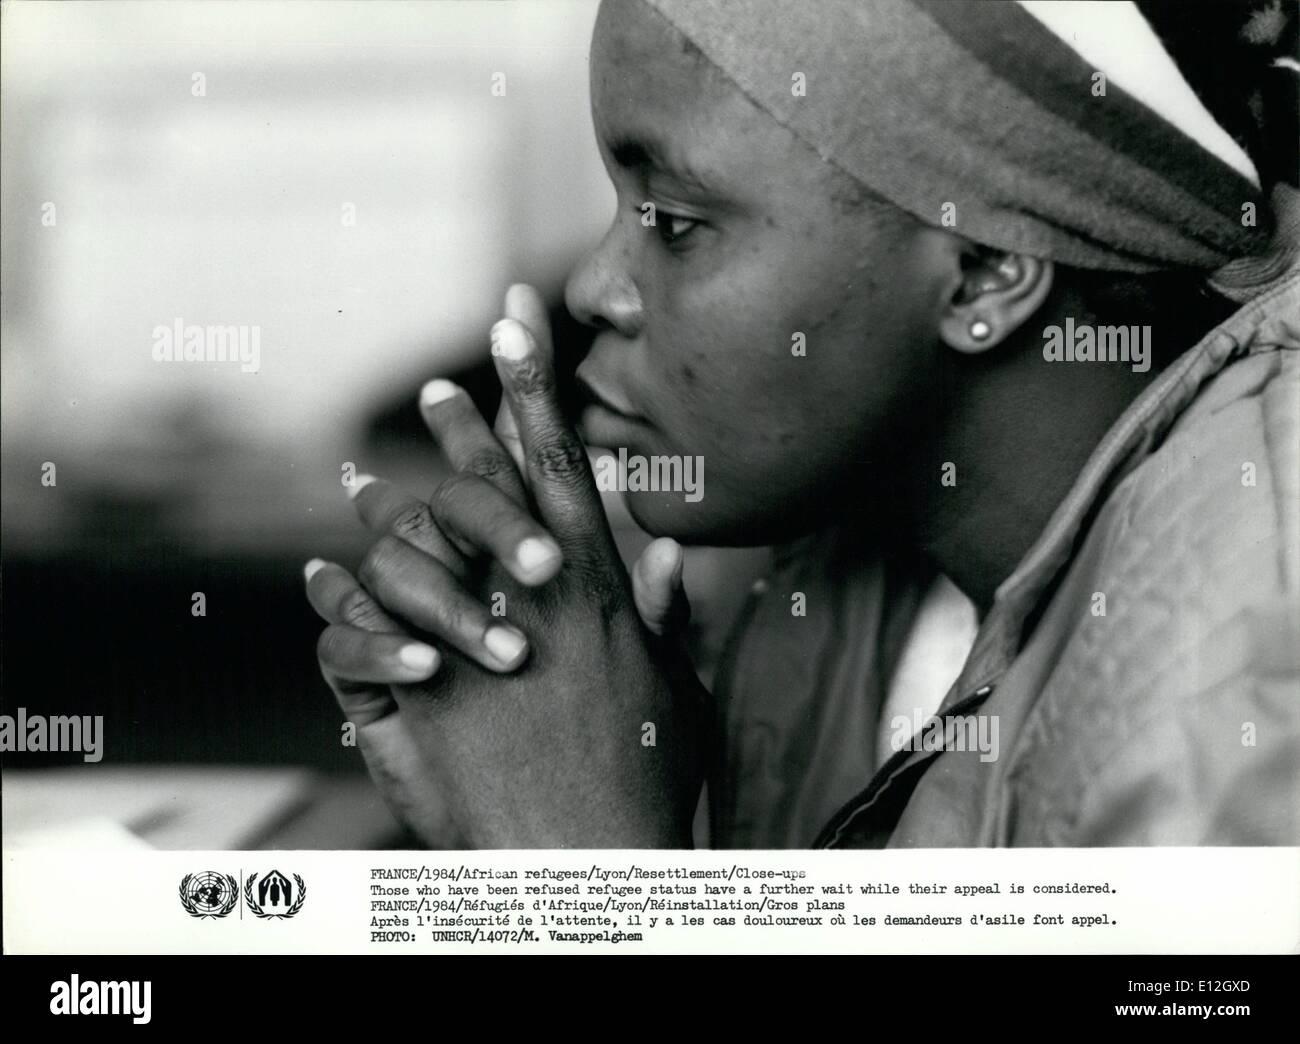 10. Januar 2012 - Frankreich/1984/afrikanische Flüchtlinge/Lyon/Neuansiedlung/Close-ups Wer hat Flüchtlingsstatus verweigert wurde eine weitere Wartezeit während ihrer Beschwerde gilt. Madeleine Robinson, Jean-Louis und Baby Sophie-Julia Jaubert Stockbild